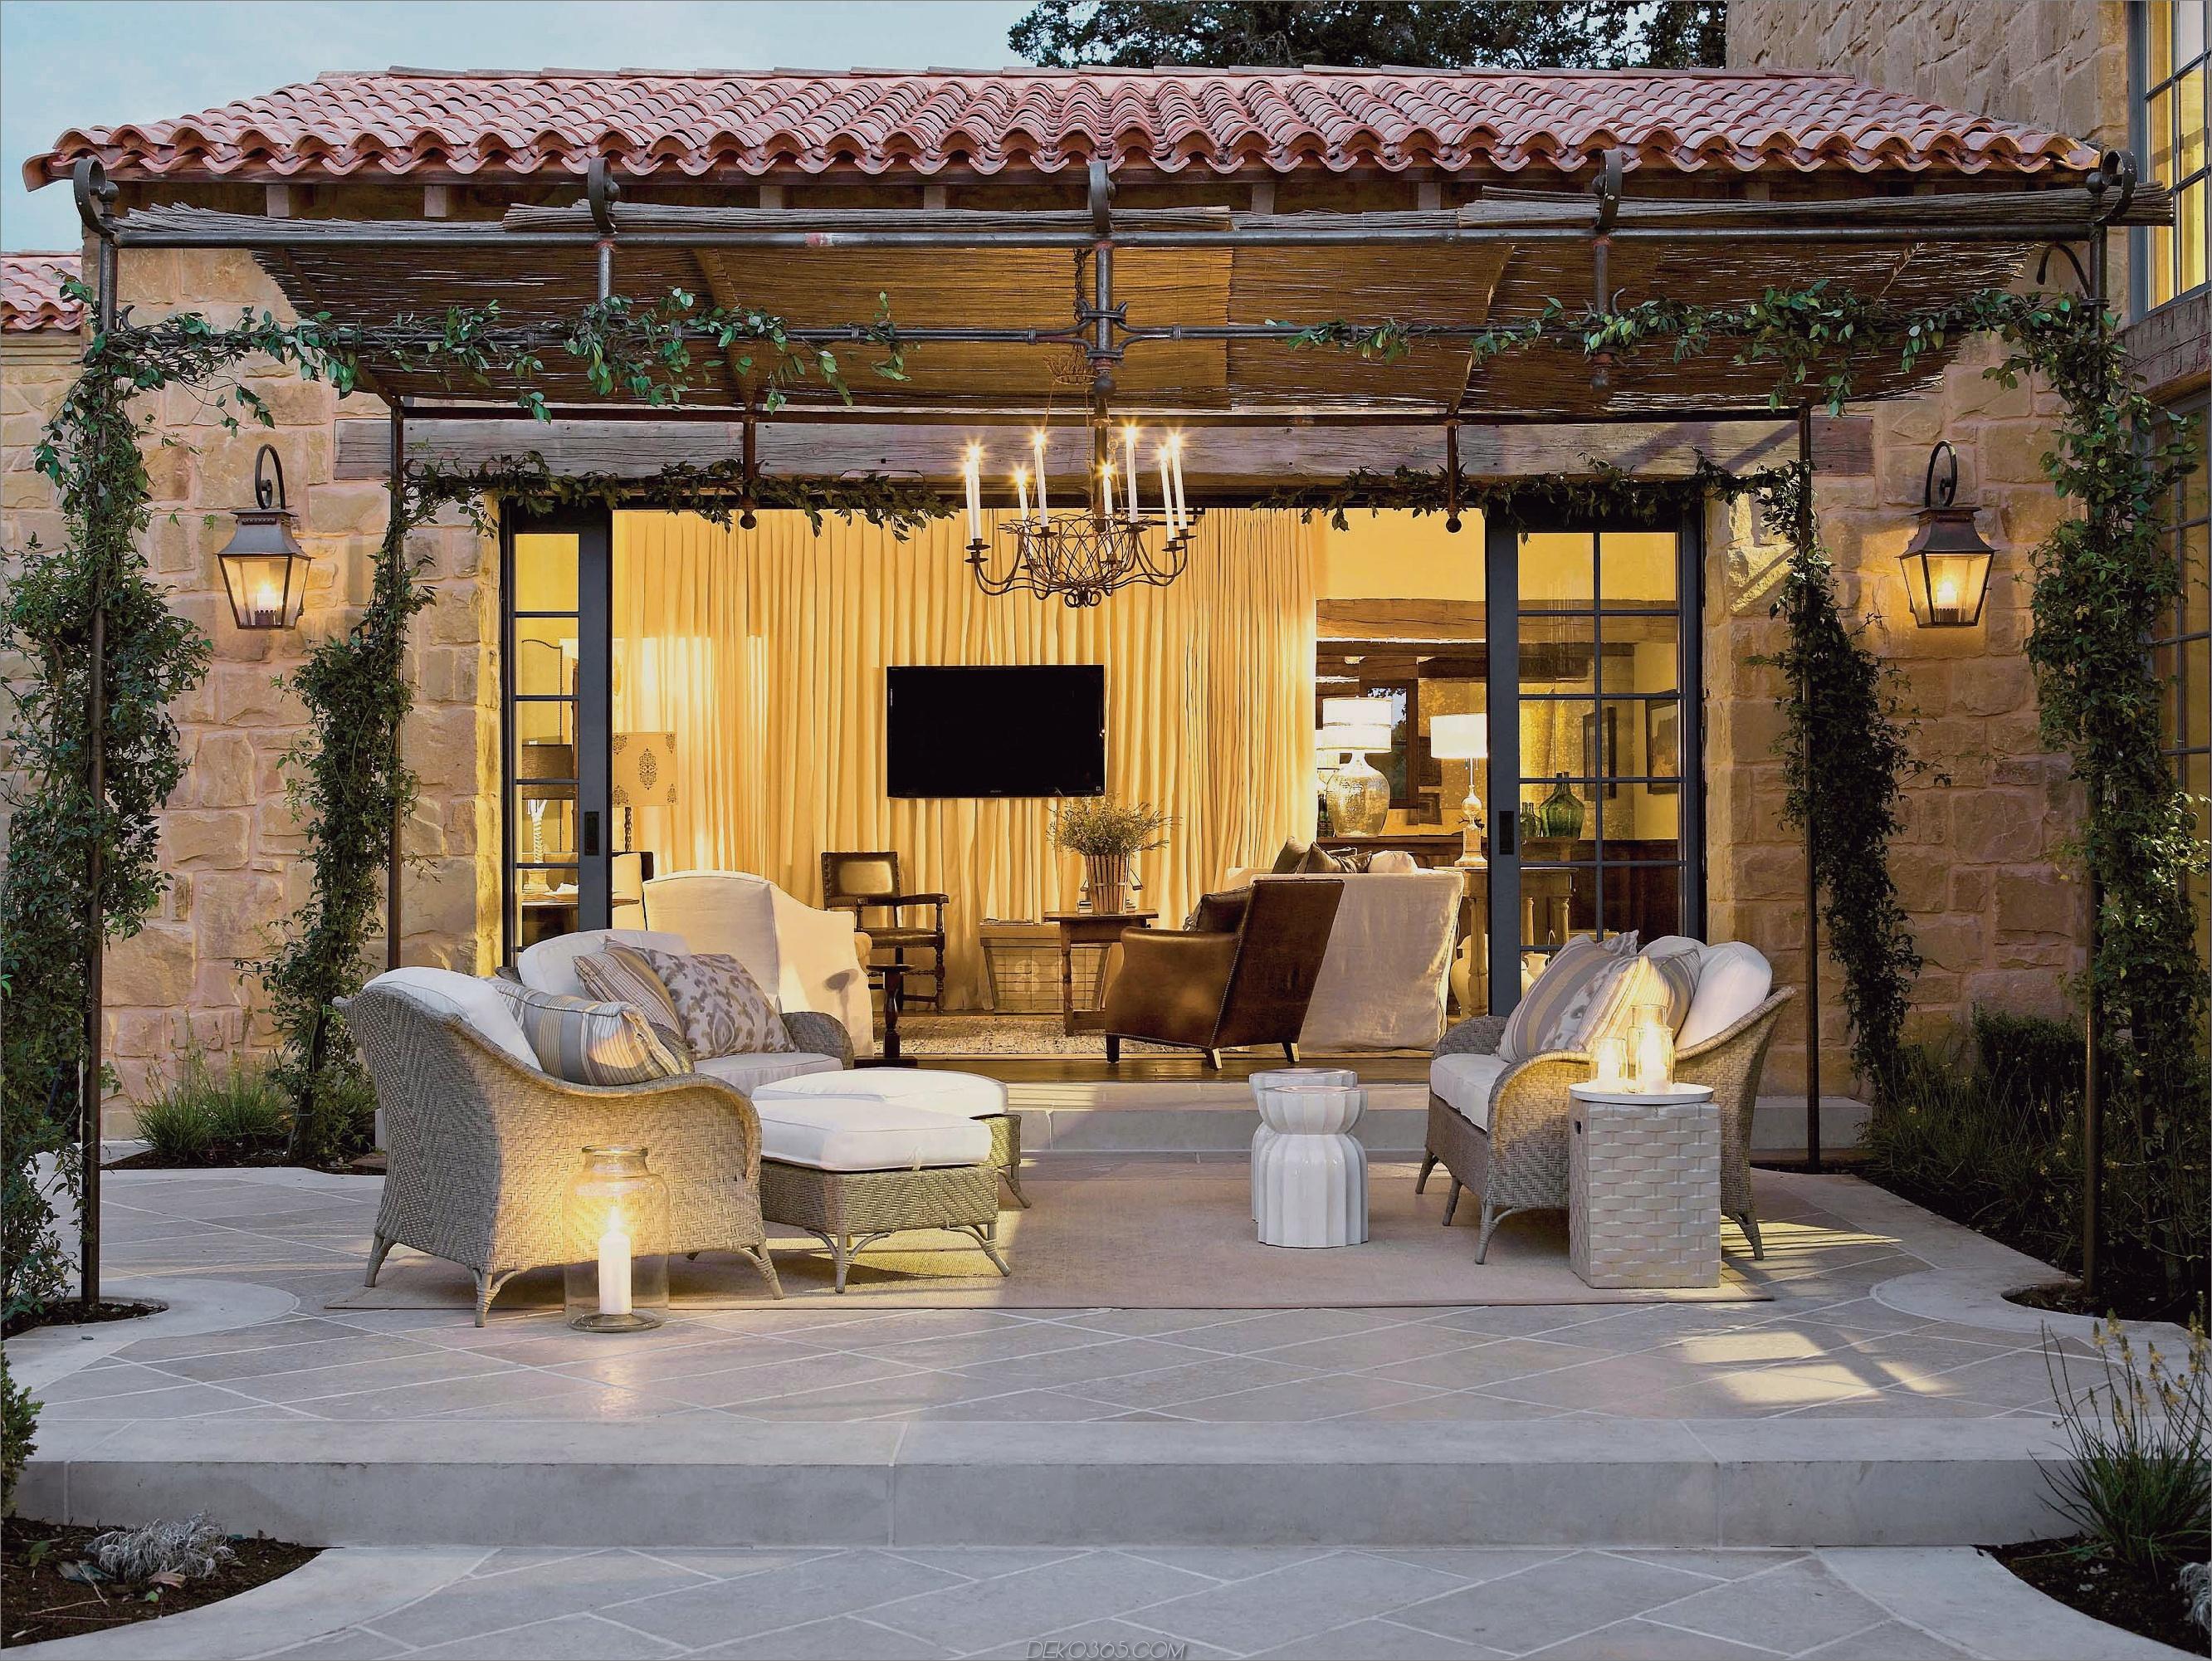 Platz im Freien mit Überdachung Wichtige Dinge, die zu beachten sind, bevor Sie Ihren Außenbereich entwerfen